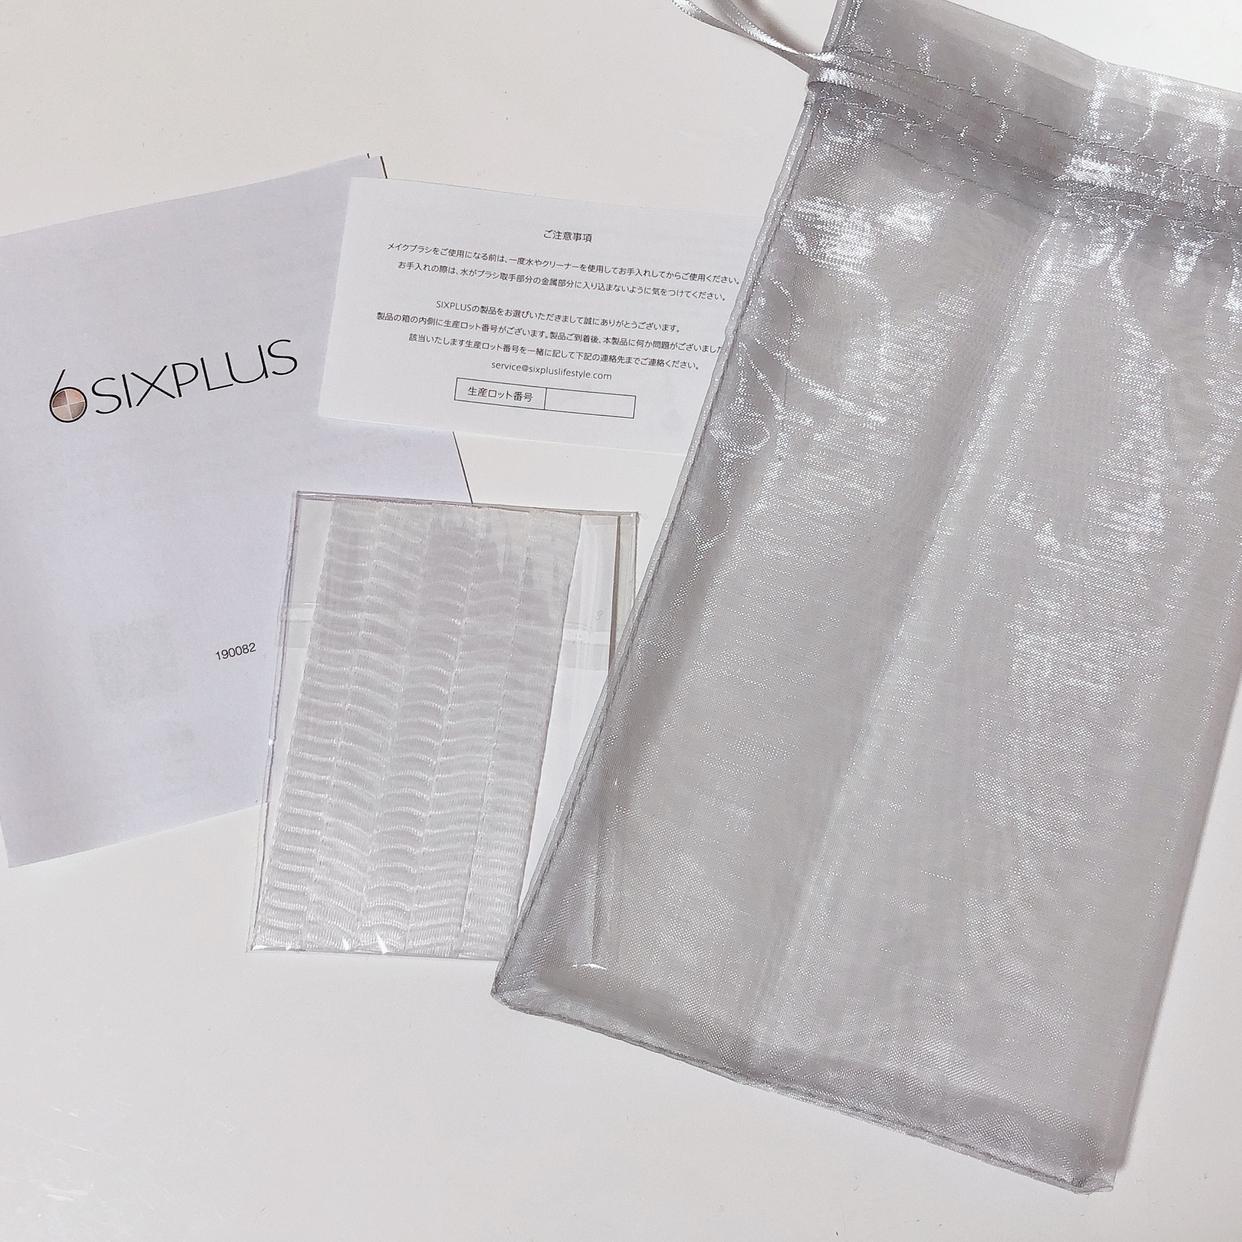 SIXPLUS(シックスプラス)メイクブラシ 6本セット Fairytaleシリーズを使った桜羽さんのクチコミ画像5